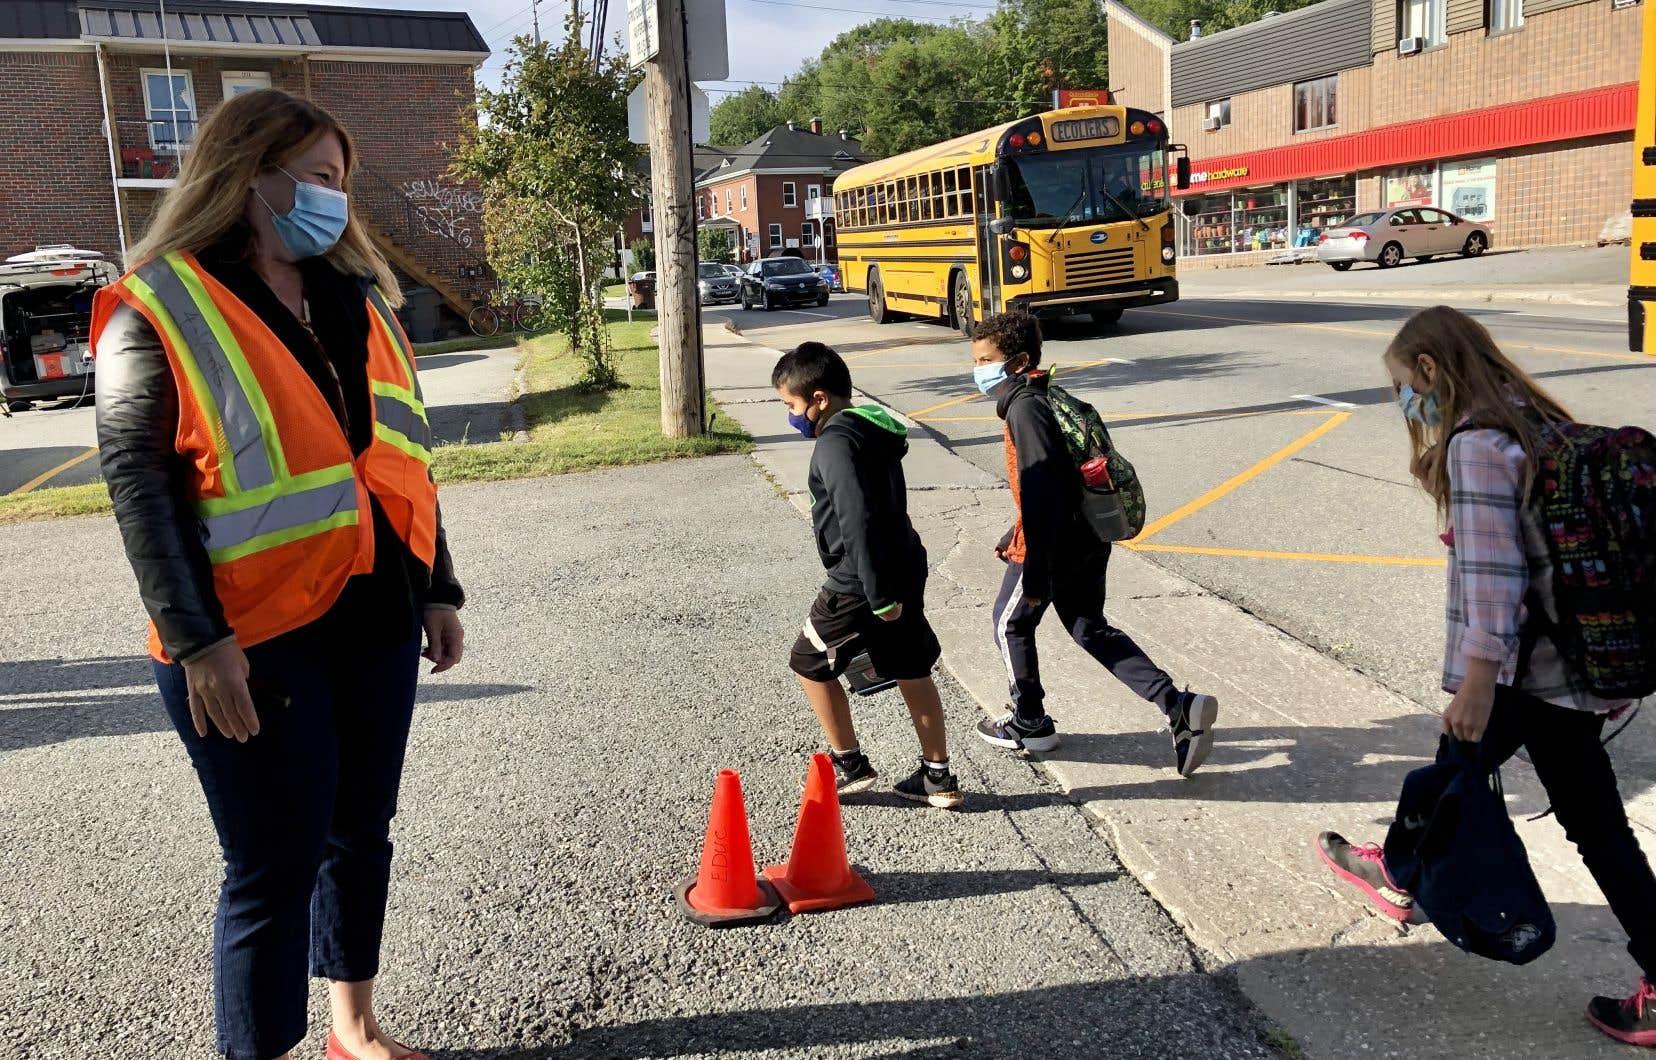 À l'école des Quatre-Vents, on devine facilement le sourire derrière le masque de l'intervenante Hélène Pelletier, qui accueille les enfants et leurs parents en ce matin frisquet.